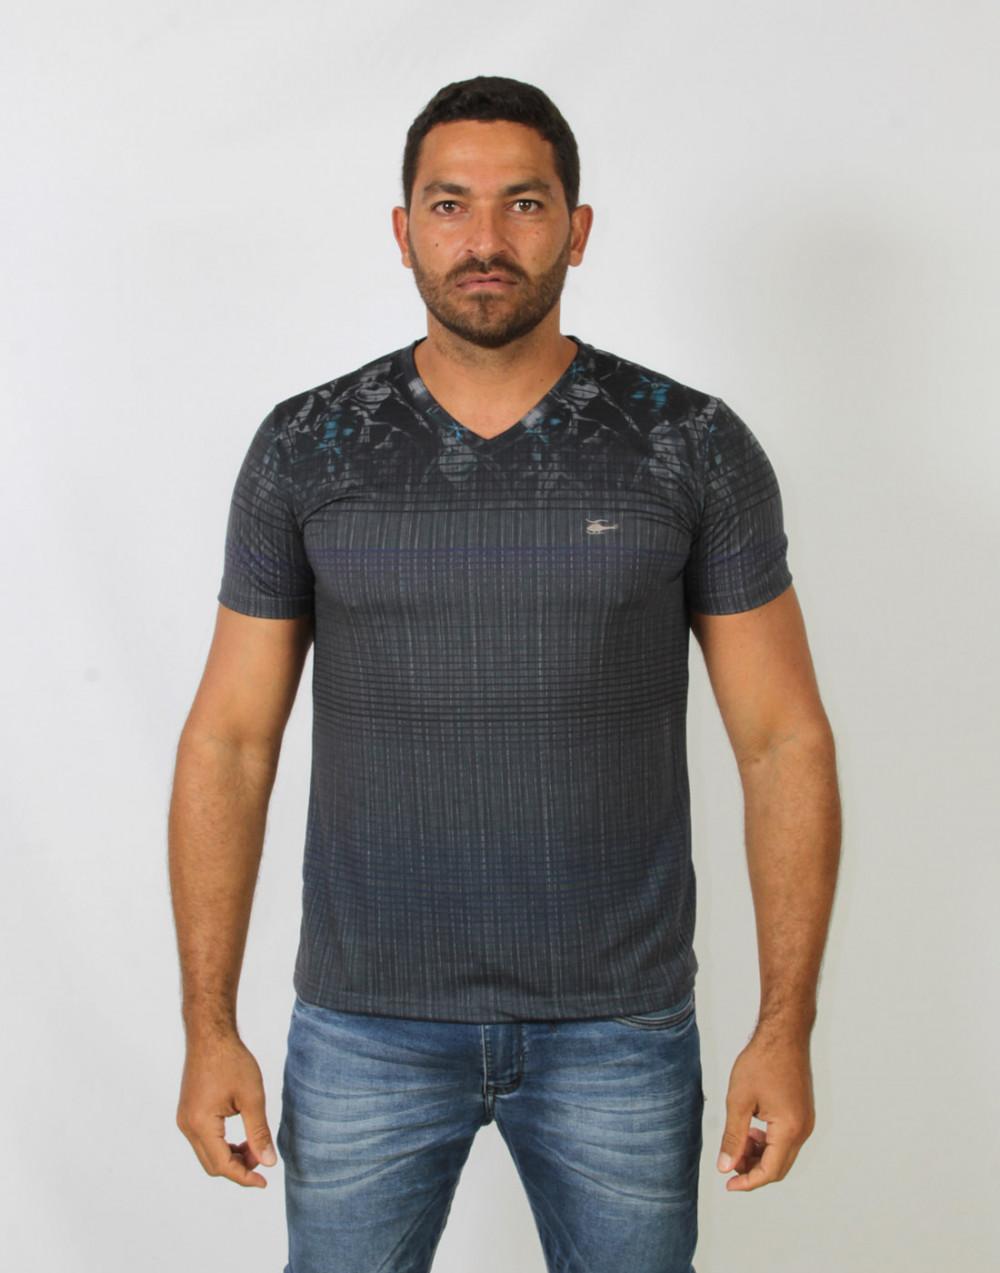 Camiseta Gola V. Estampada Mescla Escuro Sallo